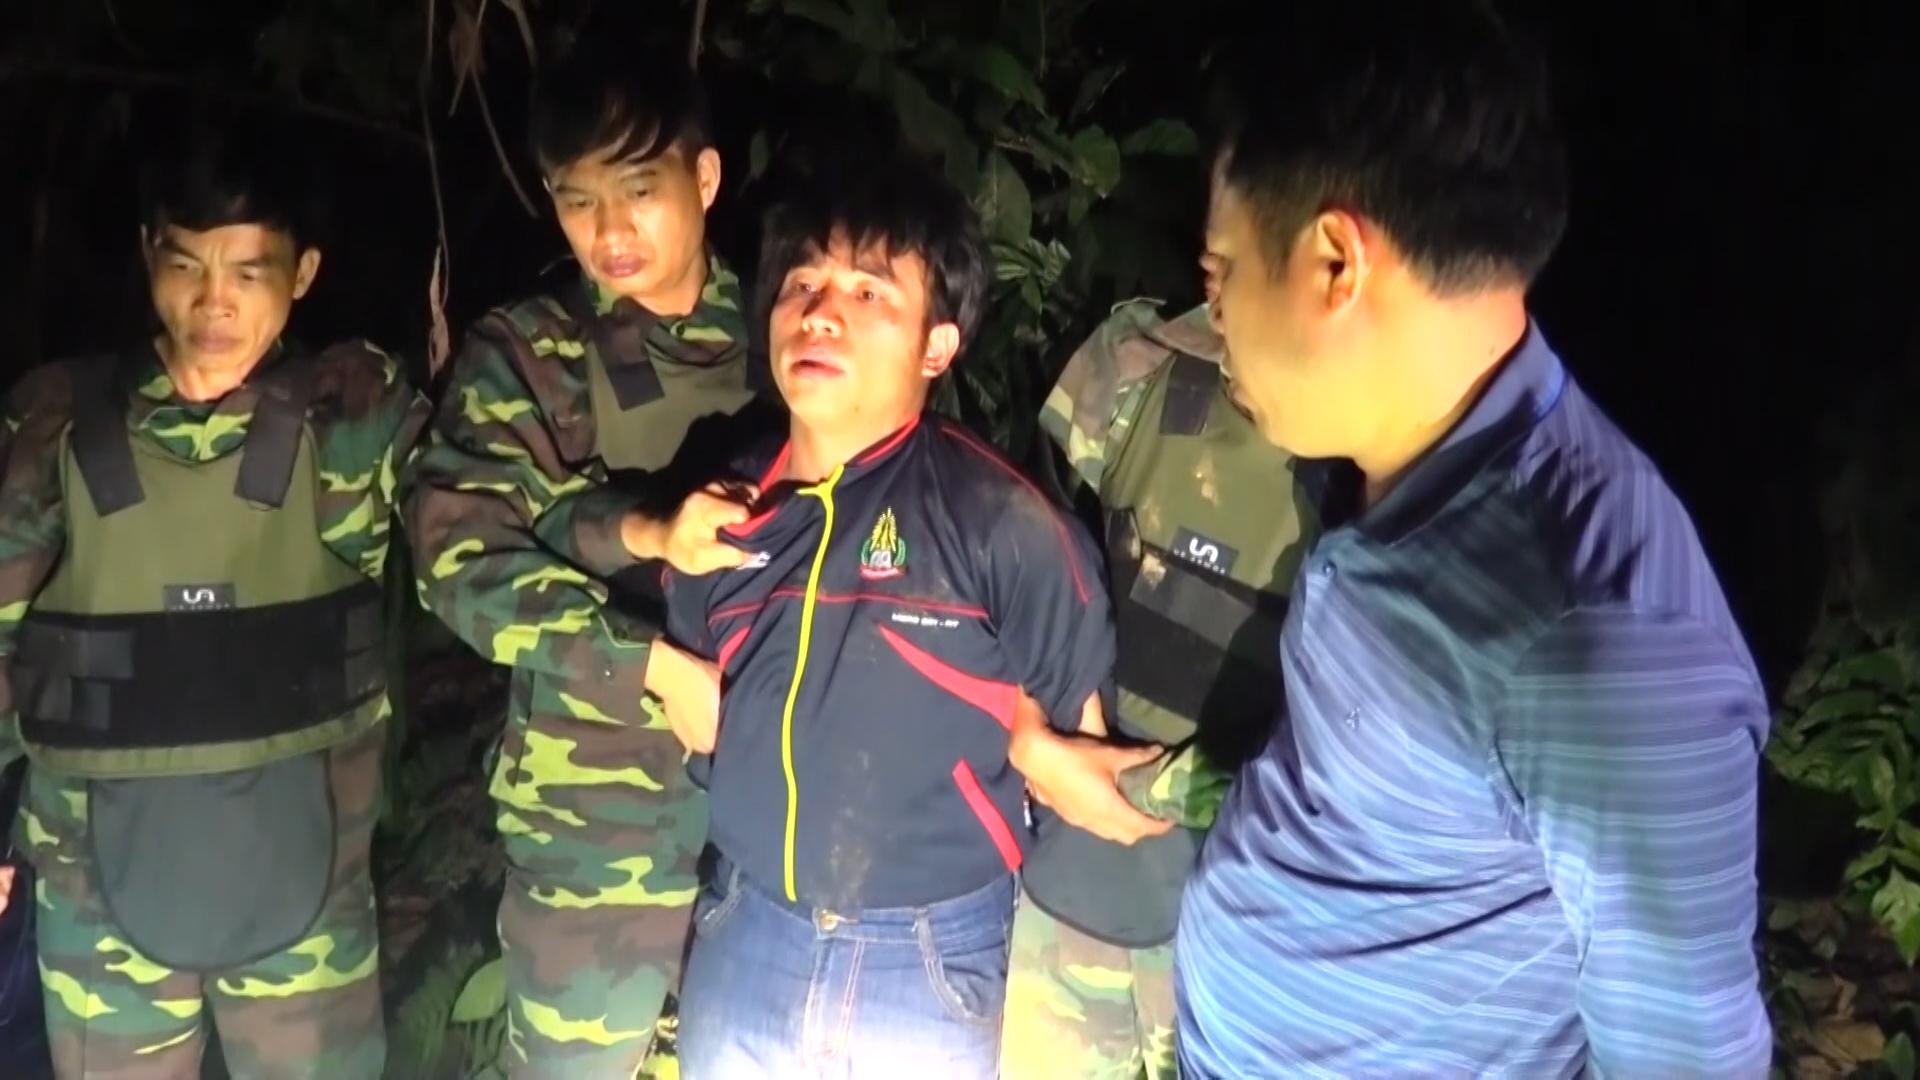 Bộ đội biên phòng băng rừng bắt nhóm buôn gần 300 kg ma túy